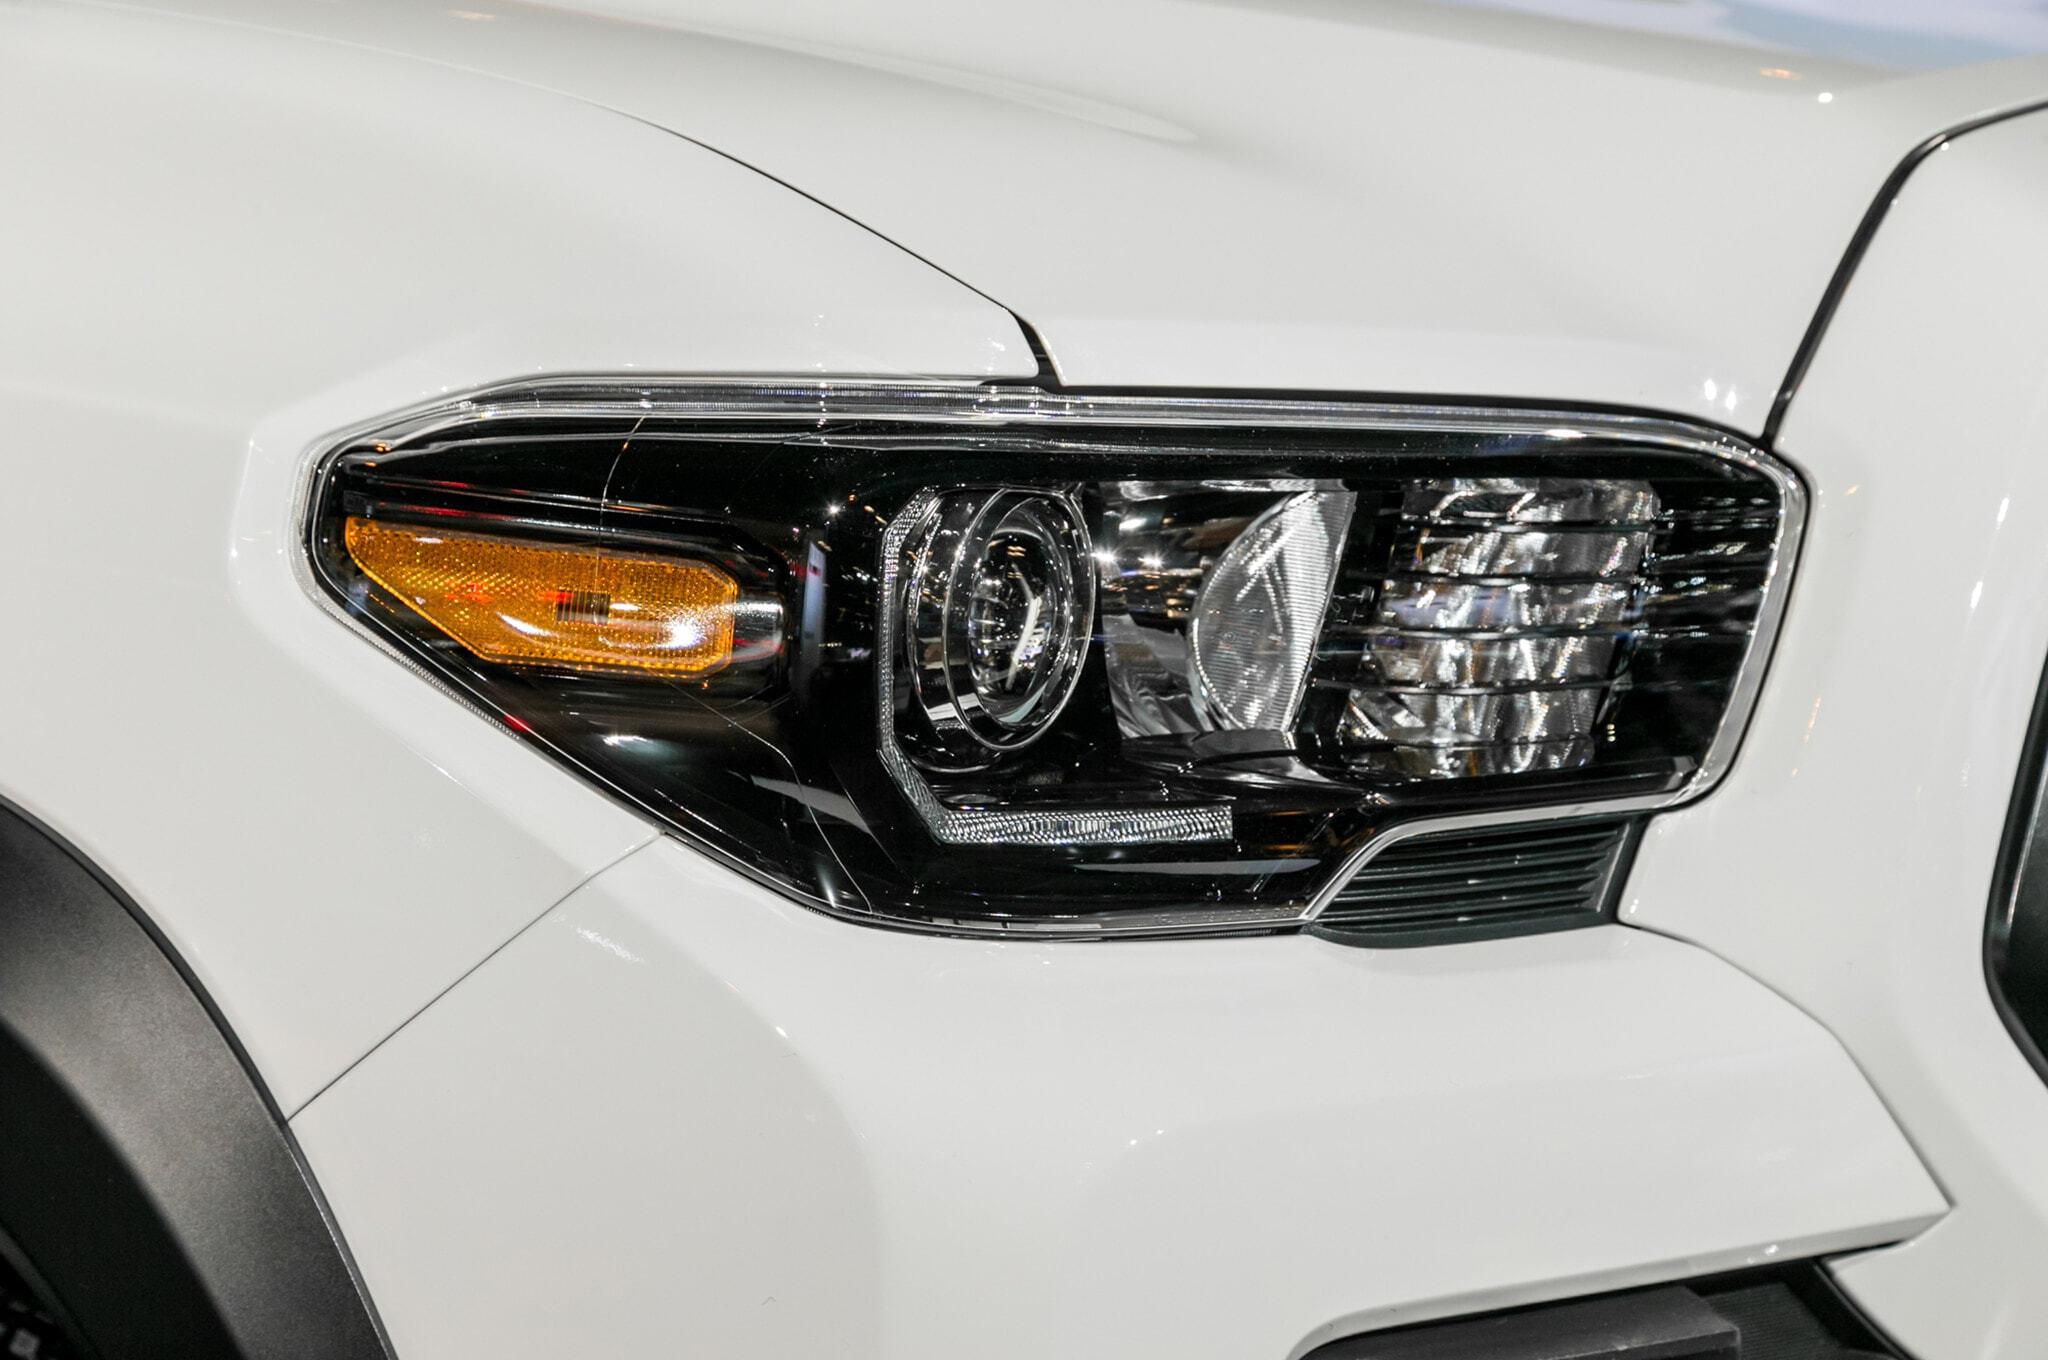 2019-Toyota-Tacoma-TRD-Pro-headlight